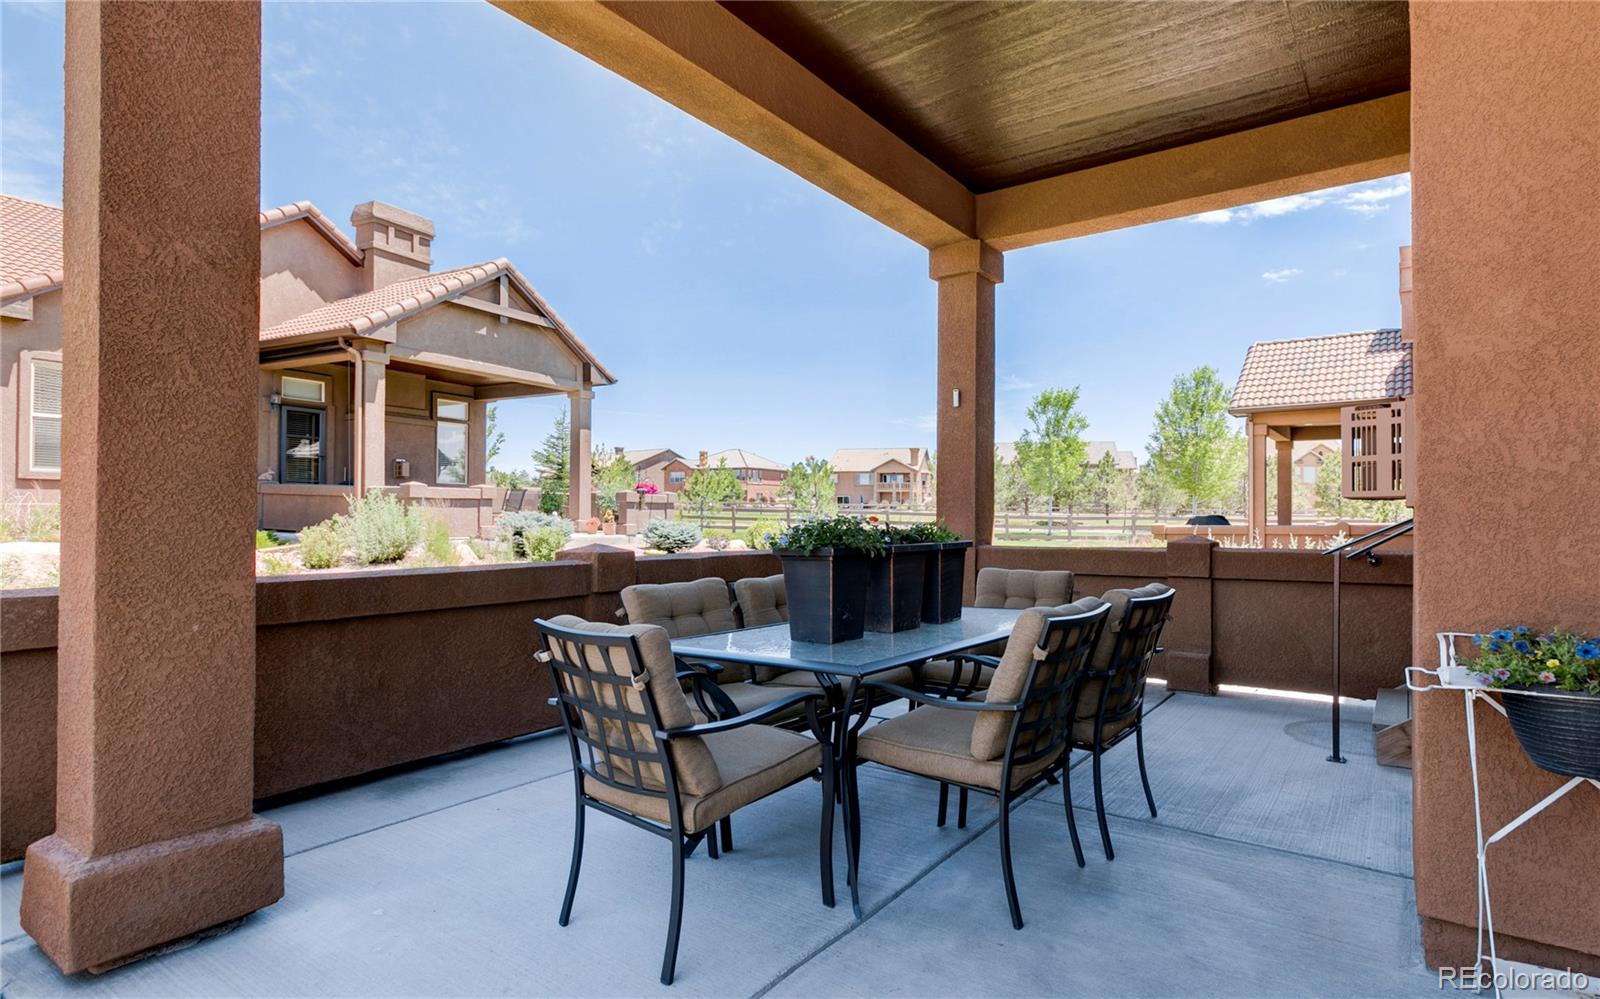 MLS# 9294002 - 13 - 13044 Cake Bread Heights Cake Bread Heights, Colorado Springs, CO 80921